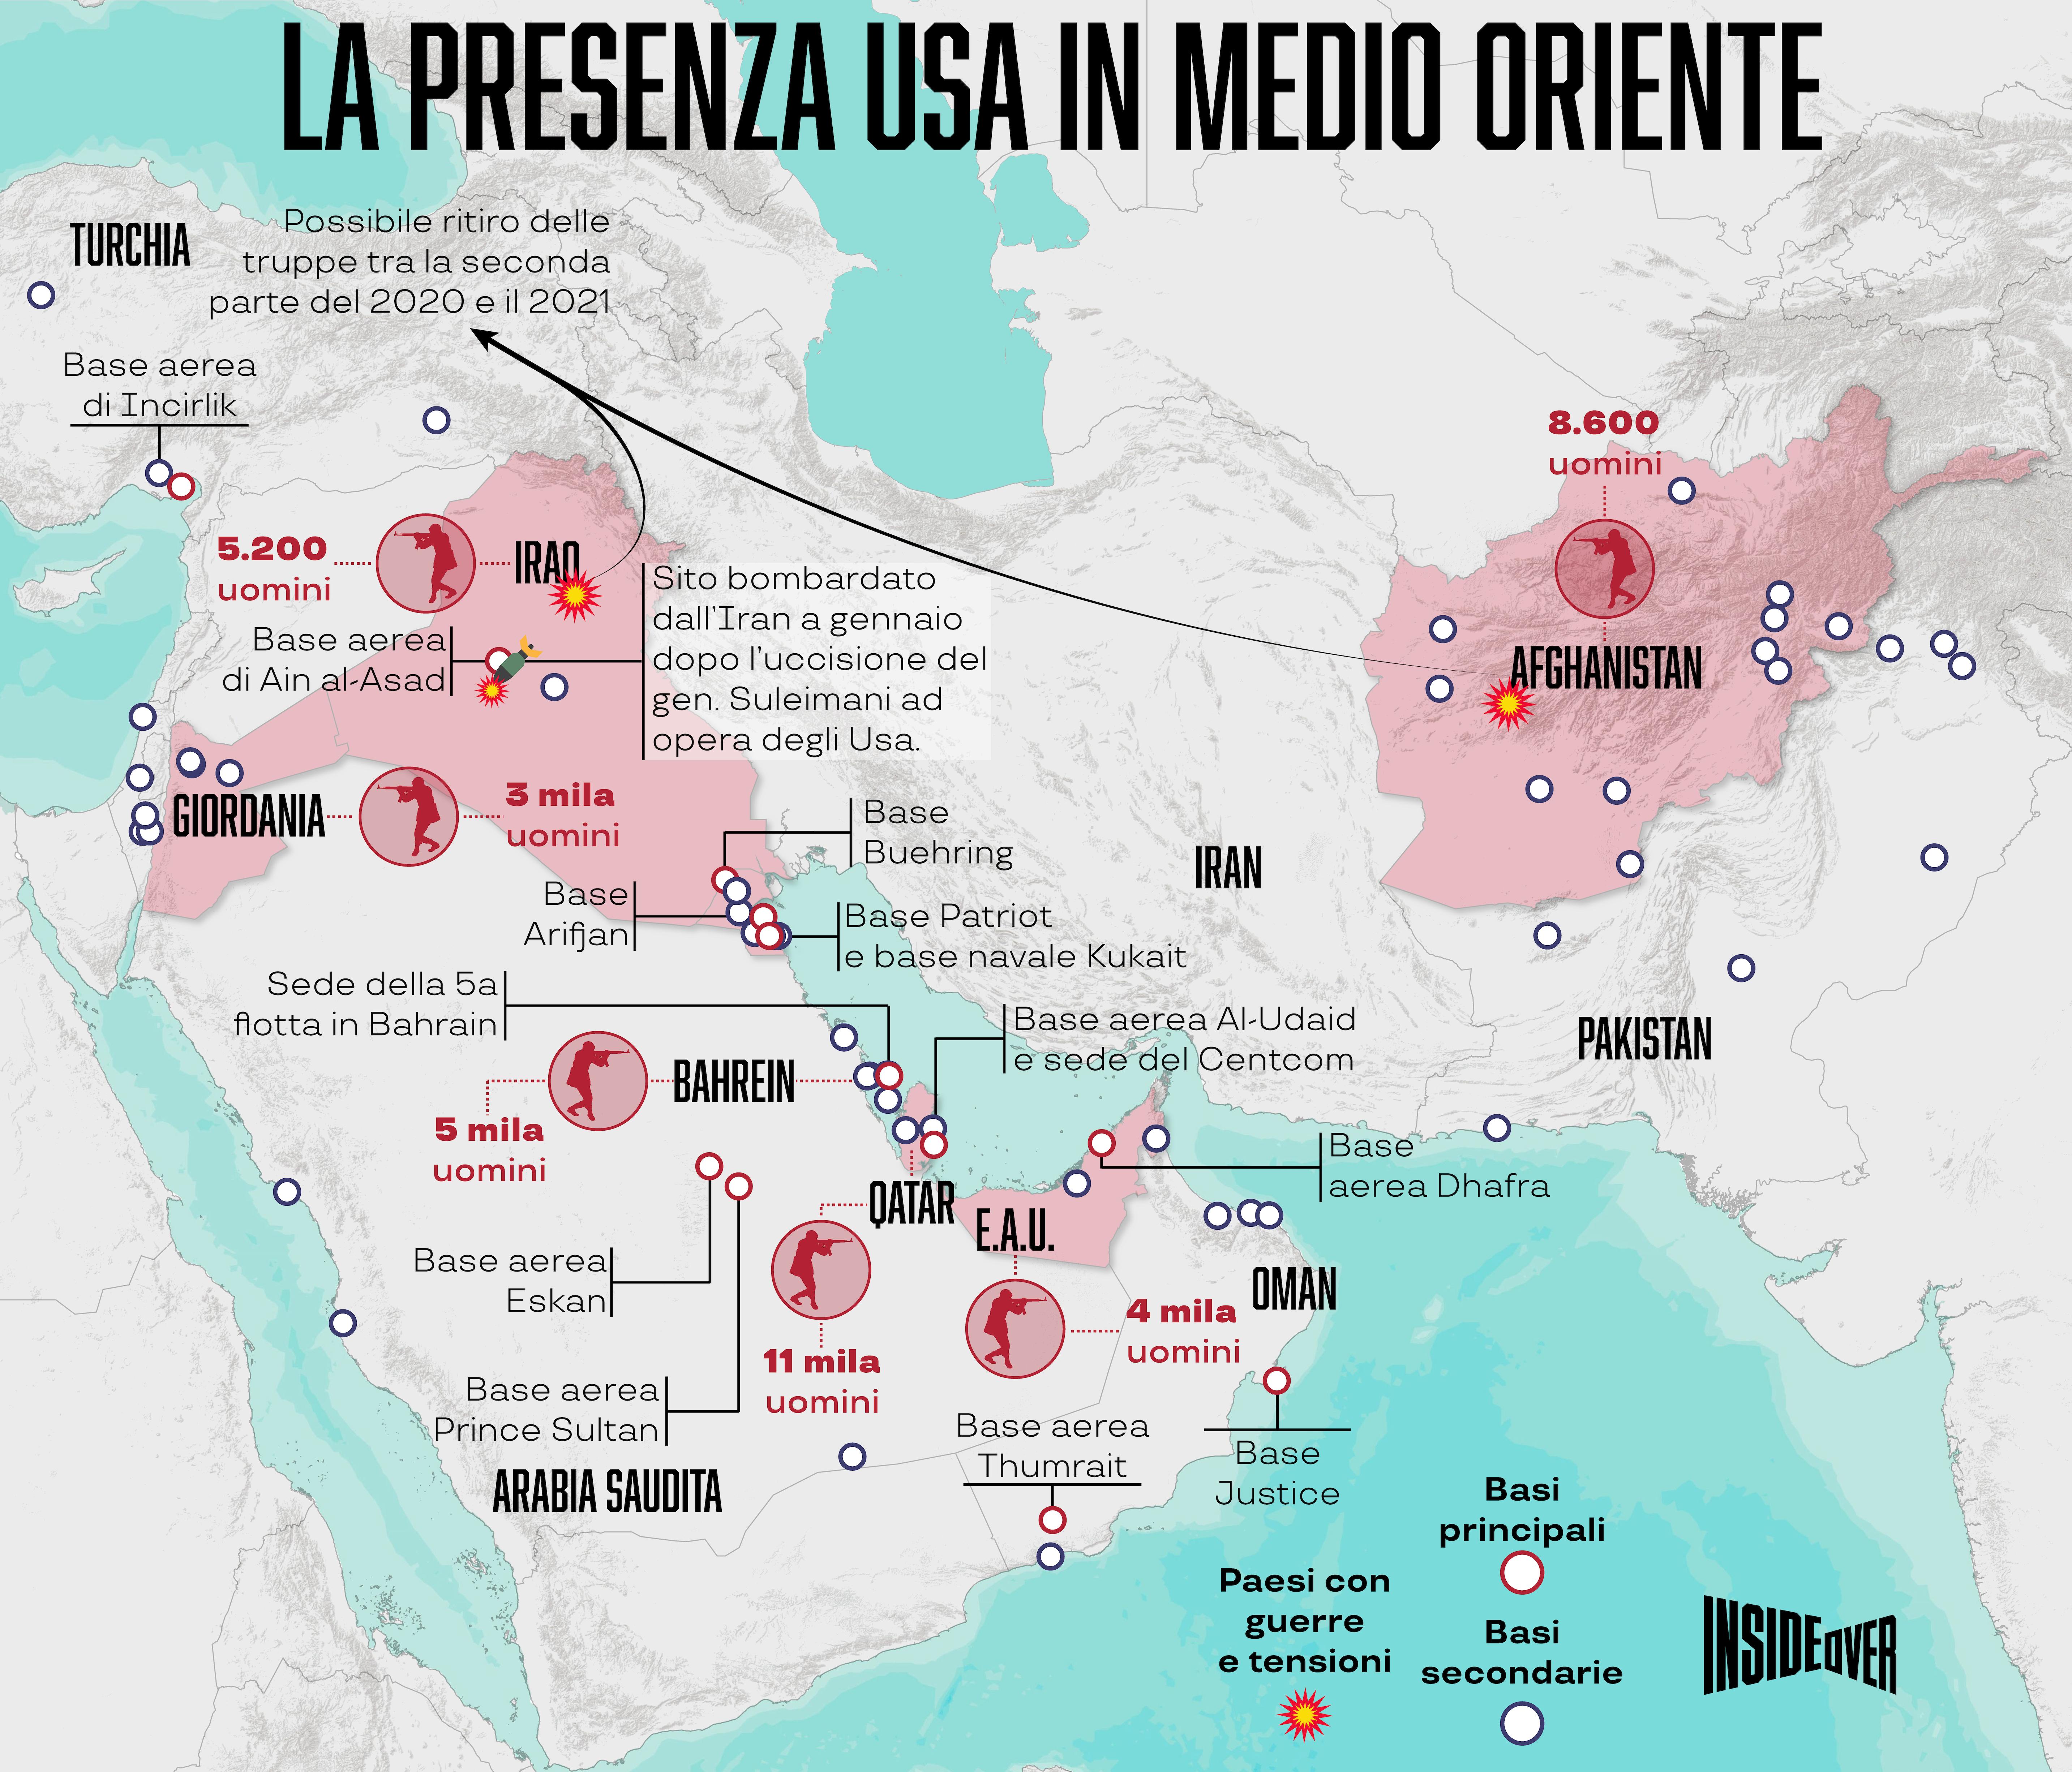 basi militari usa medio oriente mappa